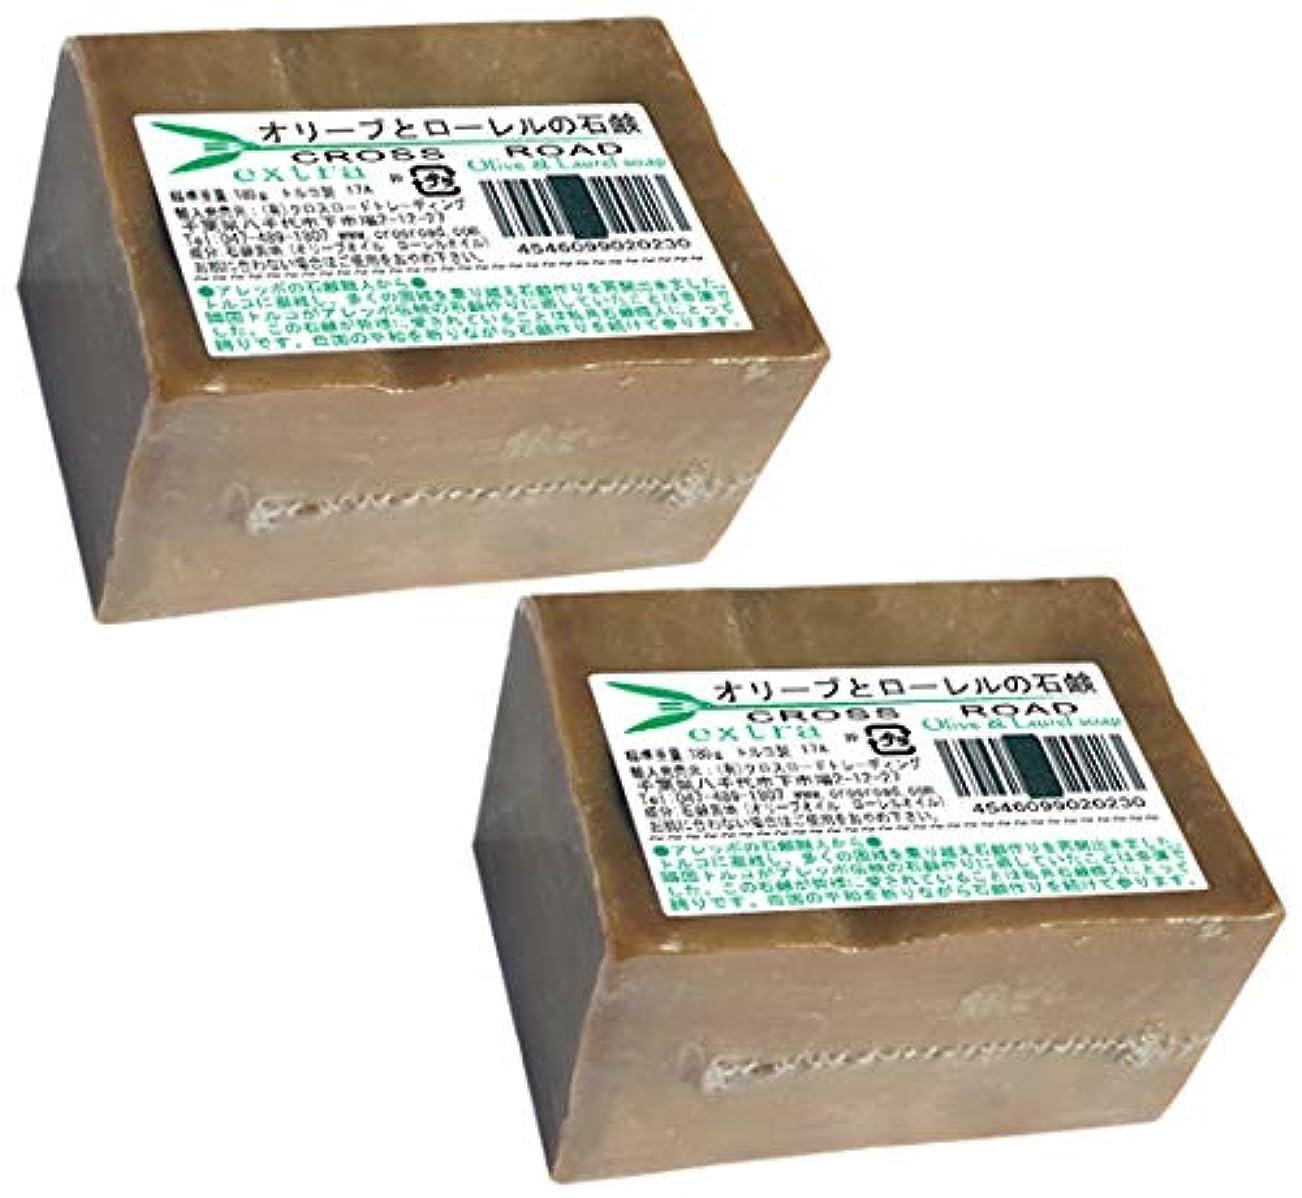 蒸振る病弱オリーブとローレルの石鹸(エキストラ)2個セット [並行輸入品]